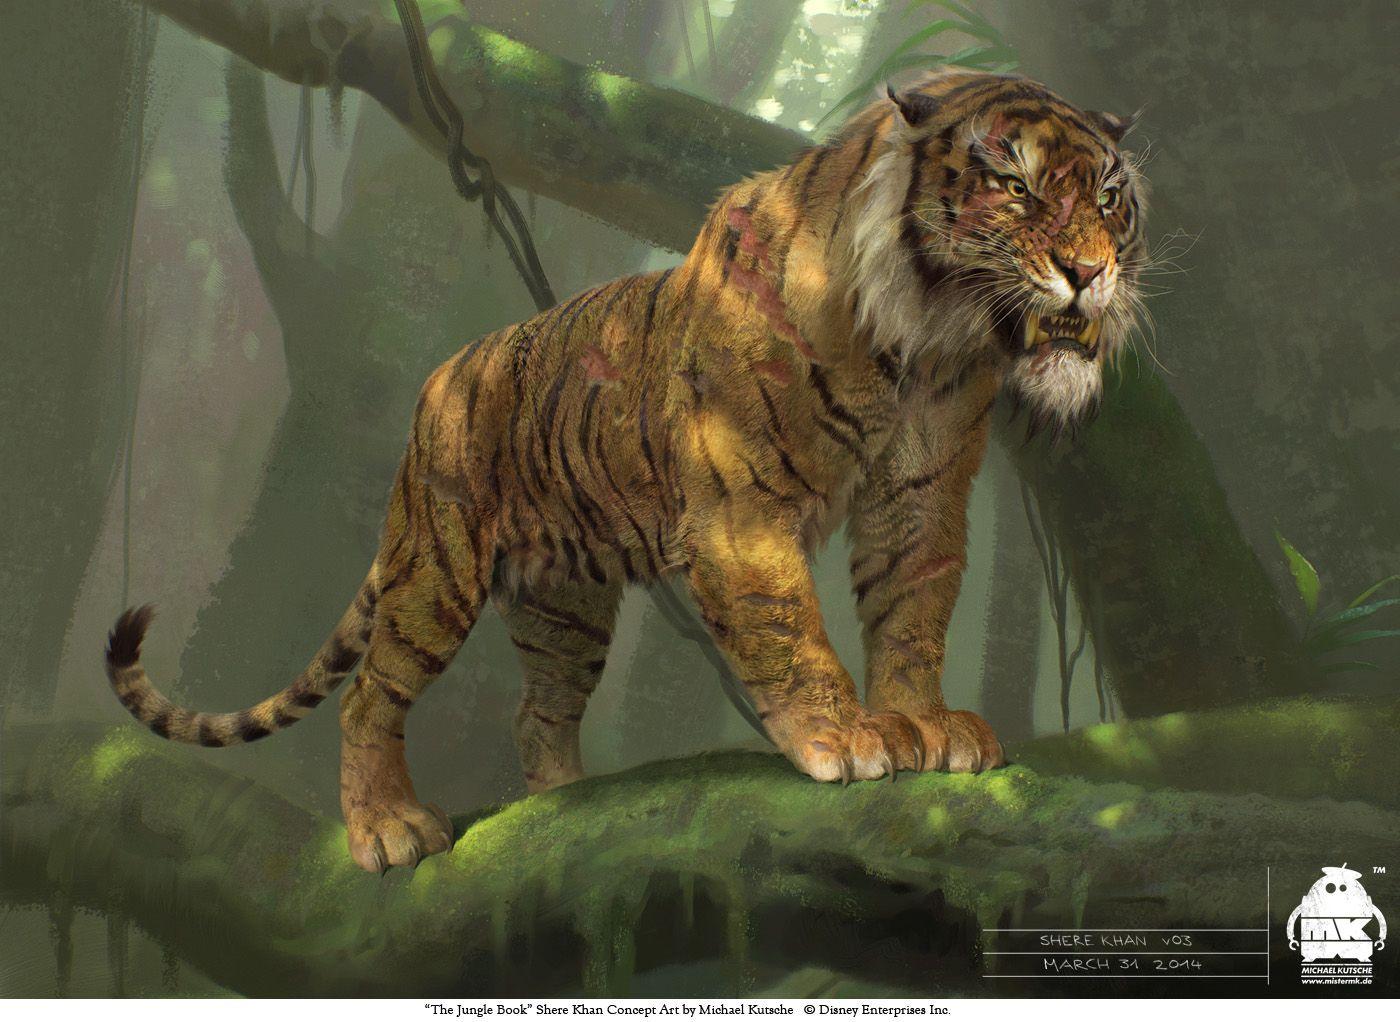 The jungle book shere khan concept by michaelkutsche on deviantart